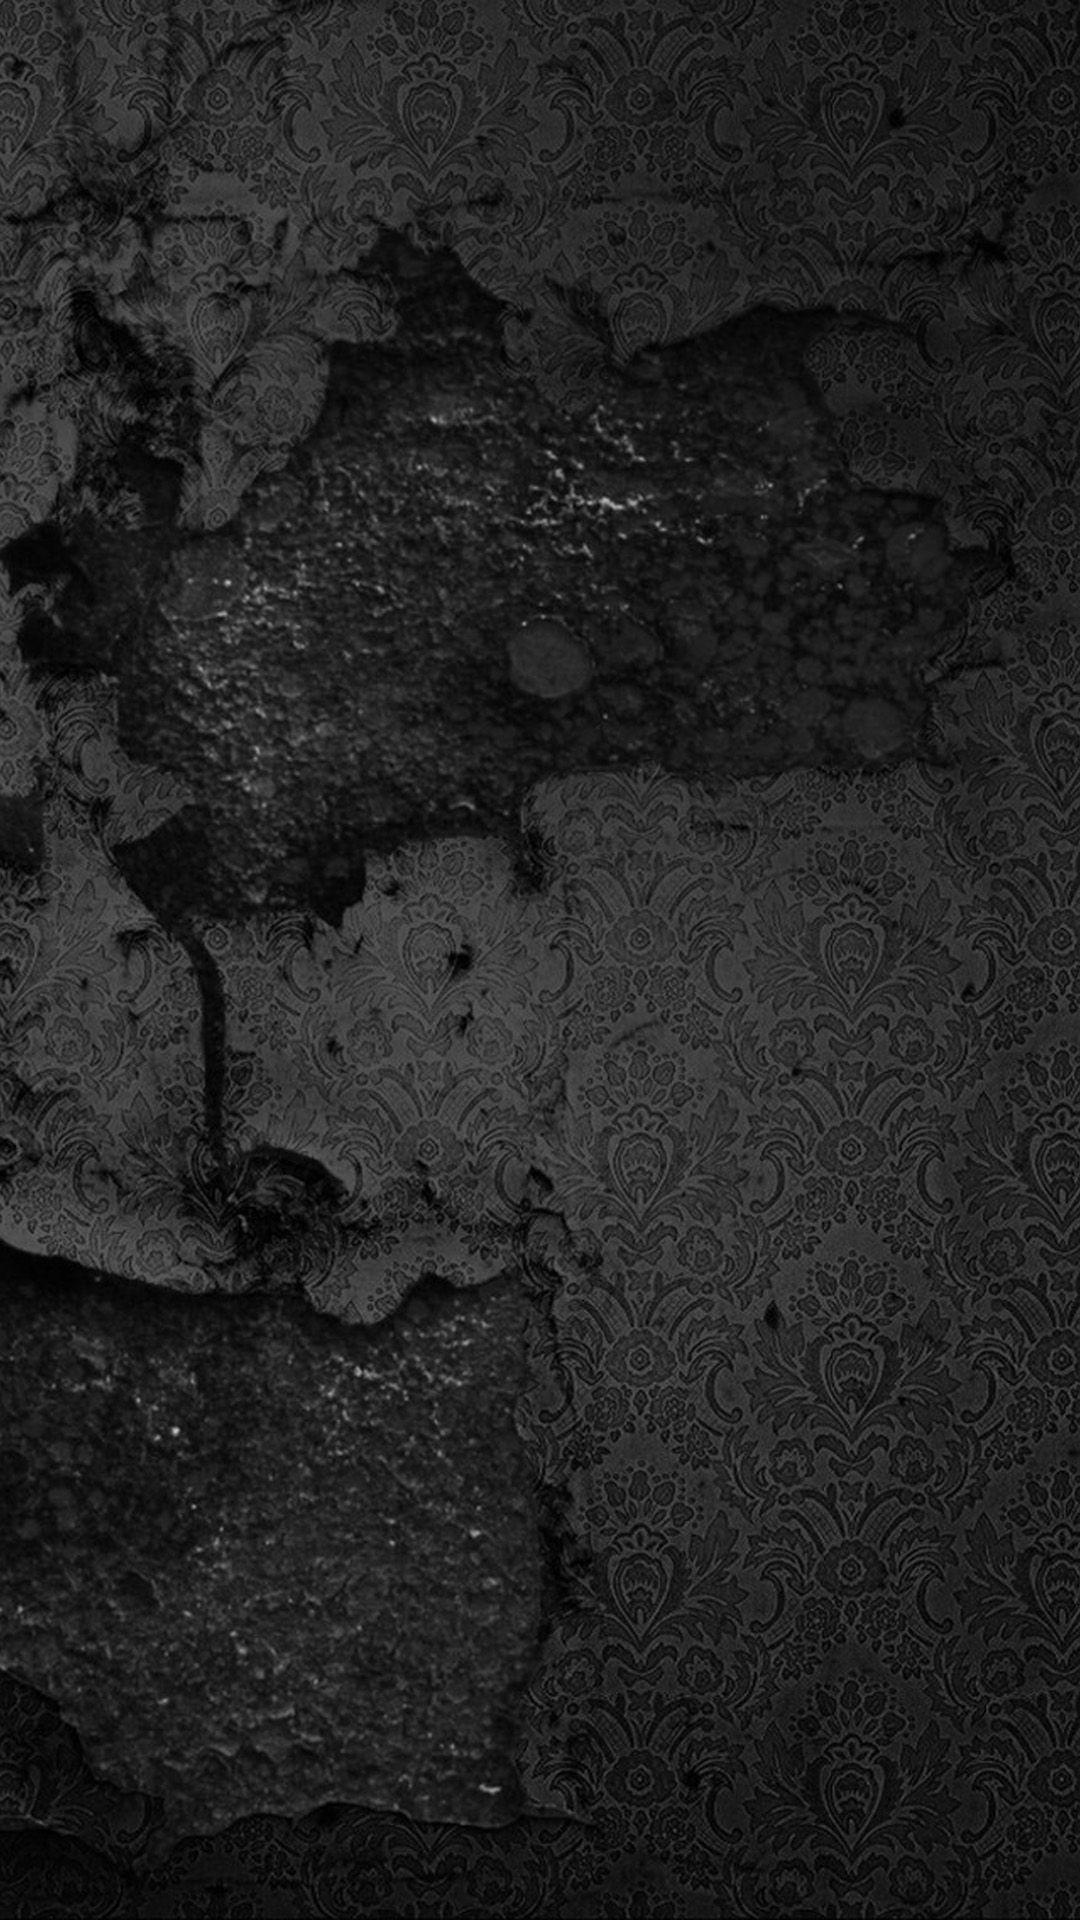 Iphone 6 Plus Wallpaper Dark  Wallpapersafari